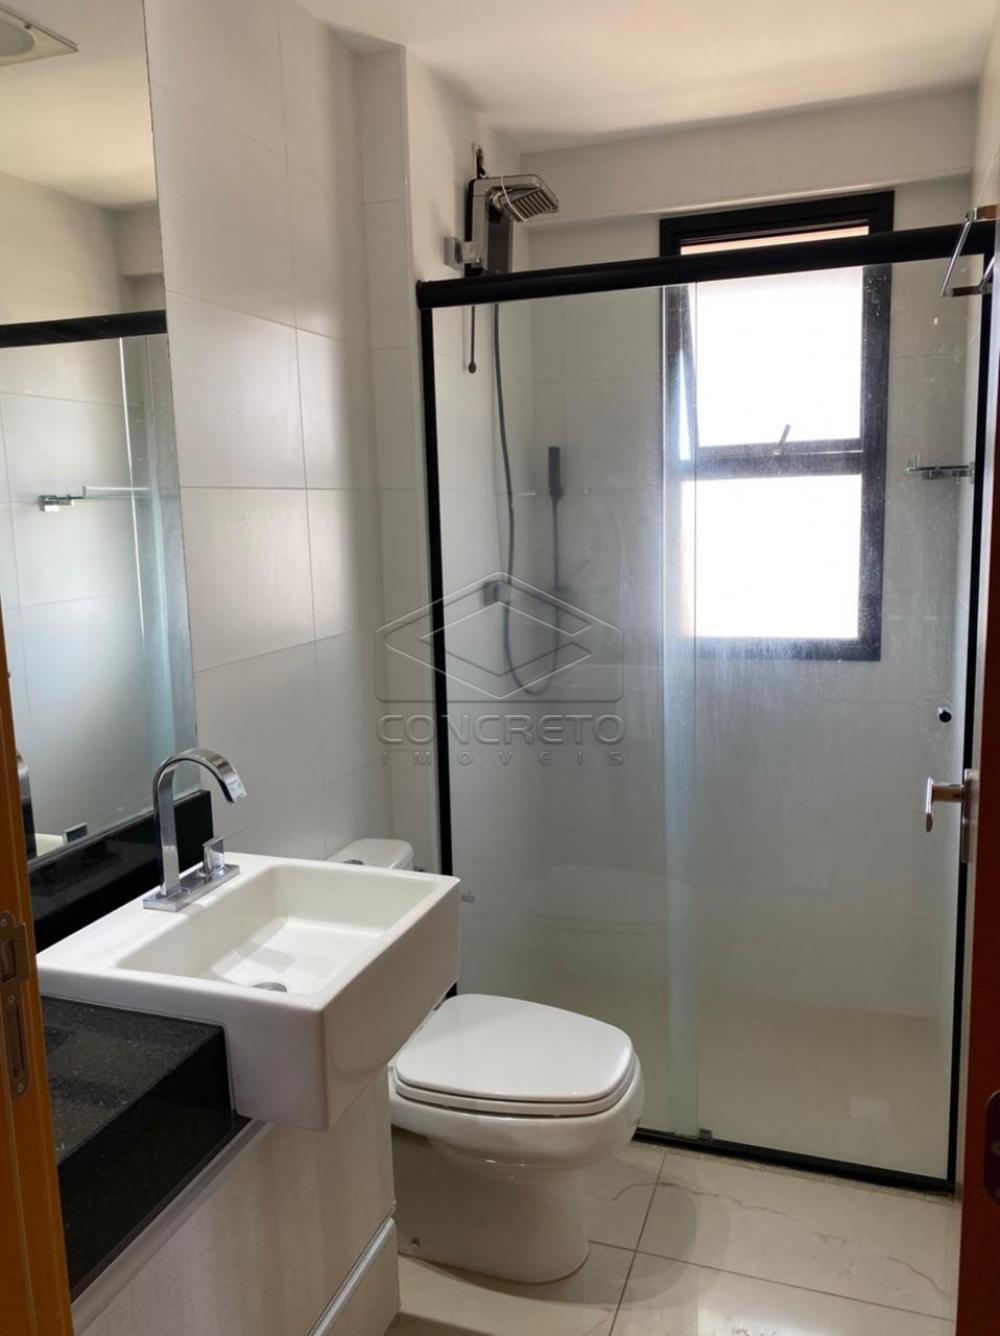 Comprar Apartamento / Padrão em Bauru R$ 580.000,00 - Foto 24